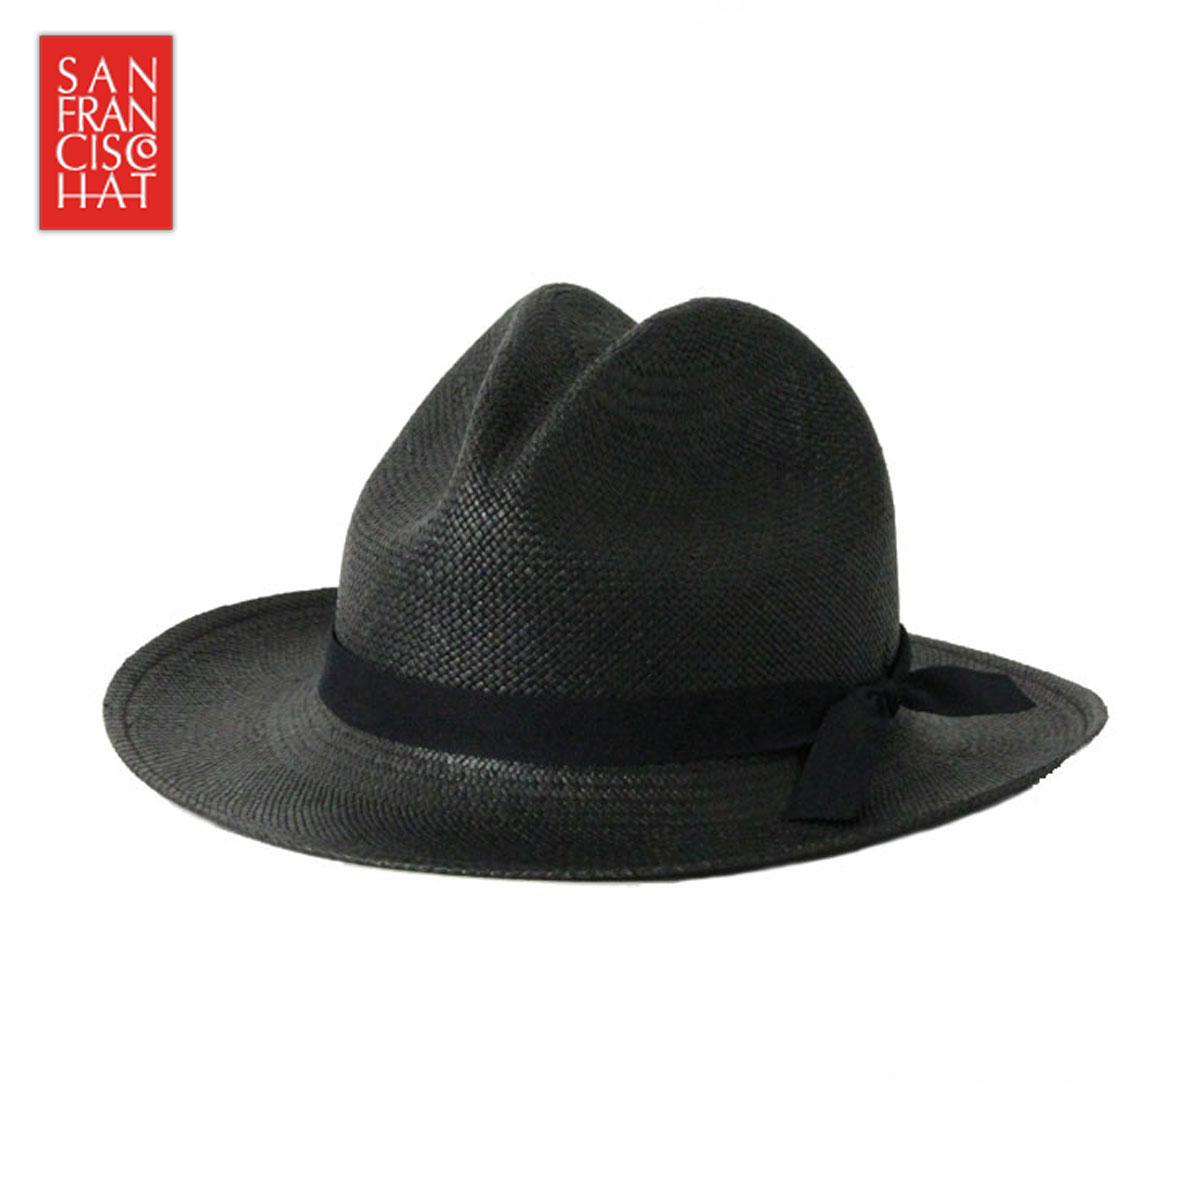 サンフランシスコハット SANFRANCISC HAT 正規販売店 正規品 帽子 ハット BRISA SANTA FE BLACK